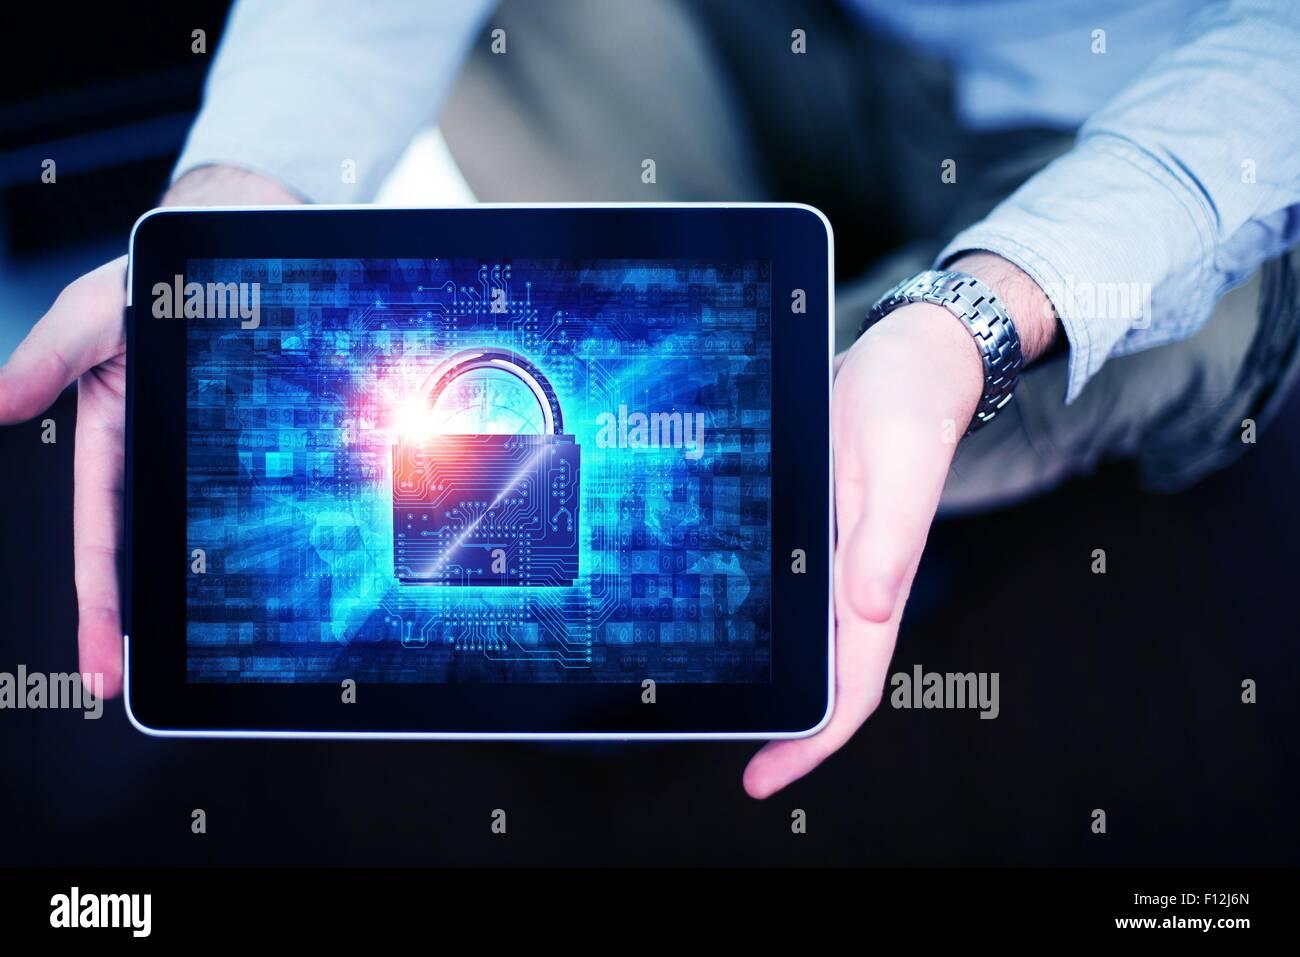 Mobiles Internet Sicherheitskonzept mit Männern zeigen eingebracht, Computer mit Vorhängeschloss Sicherheit Stockbild